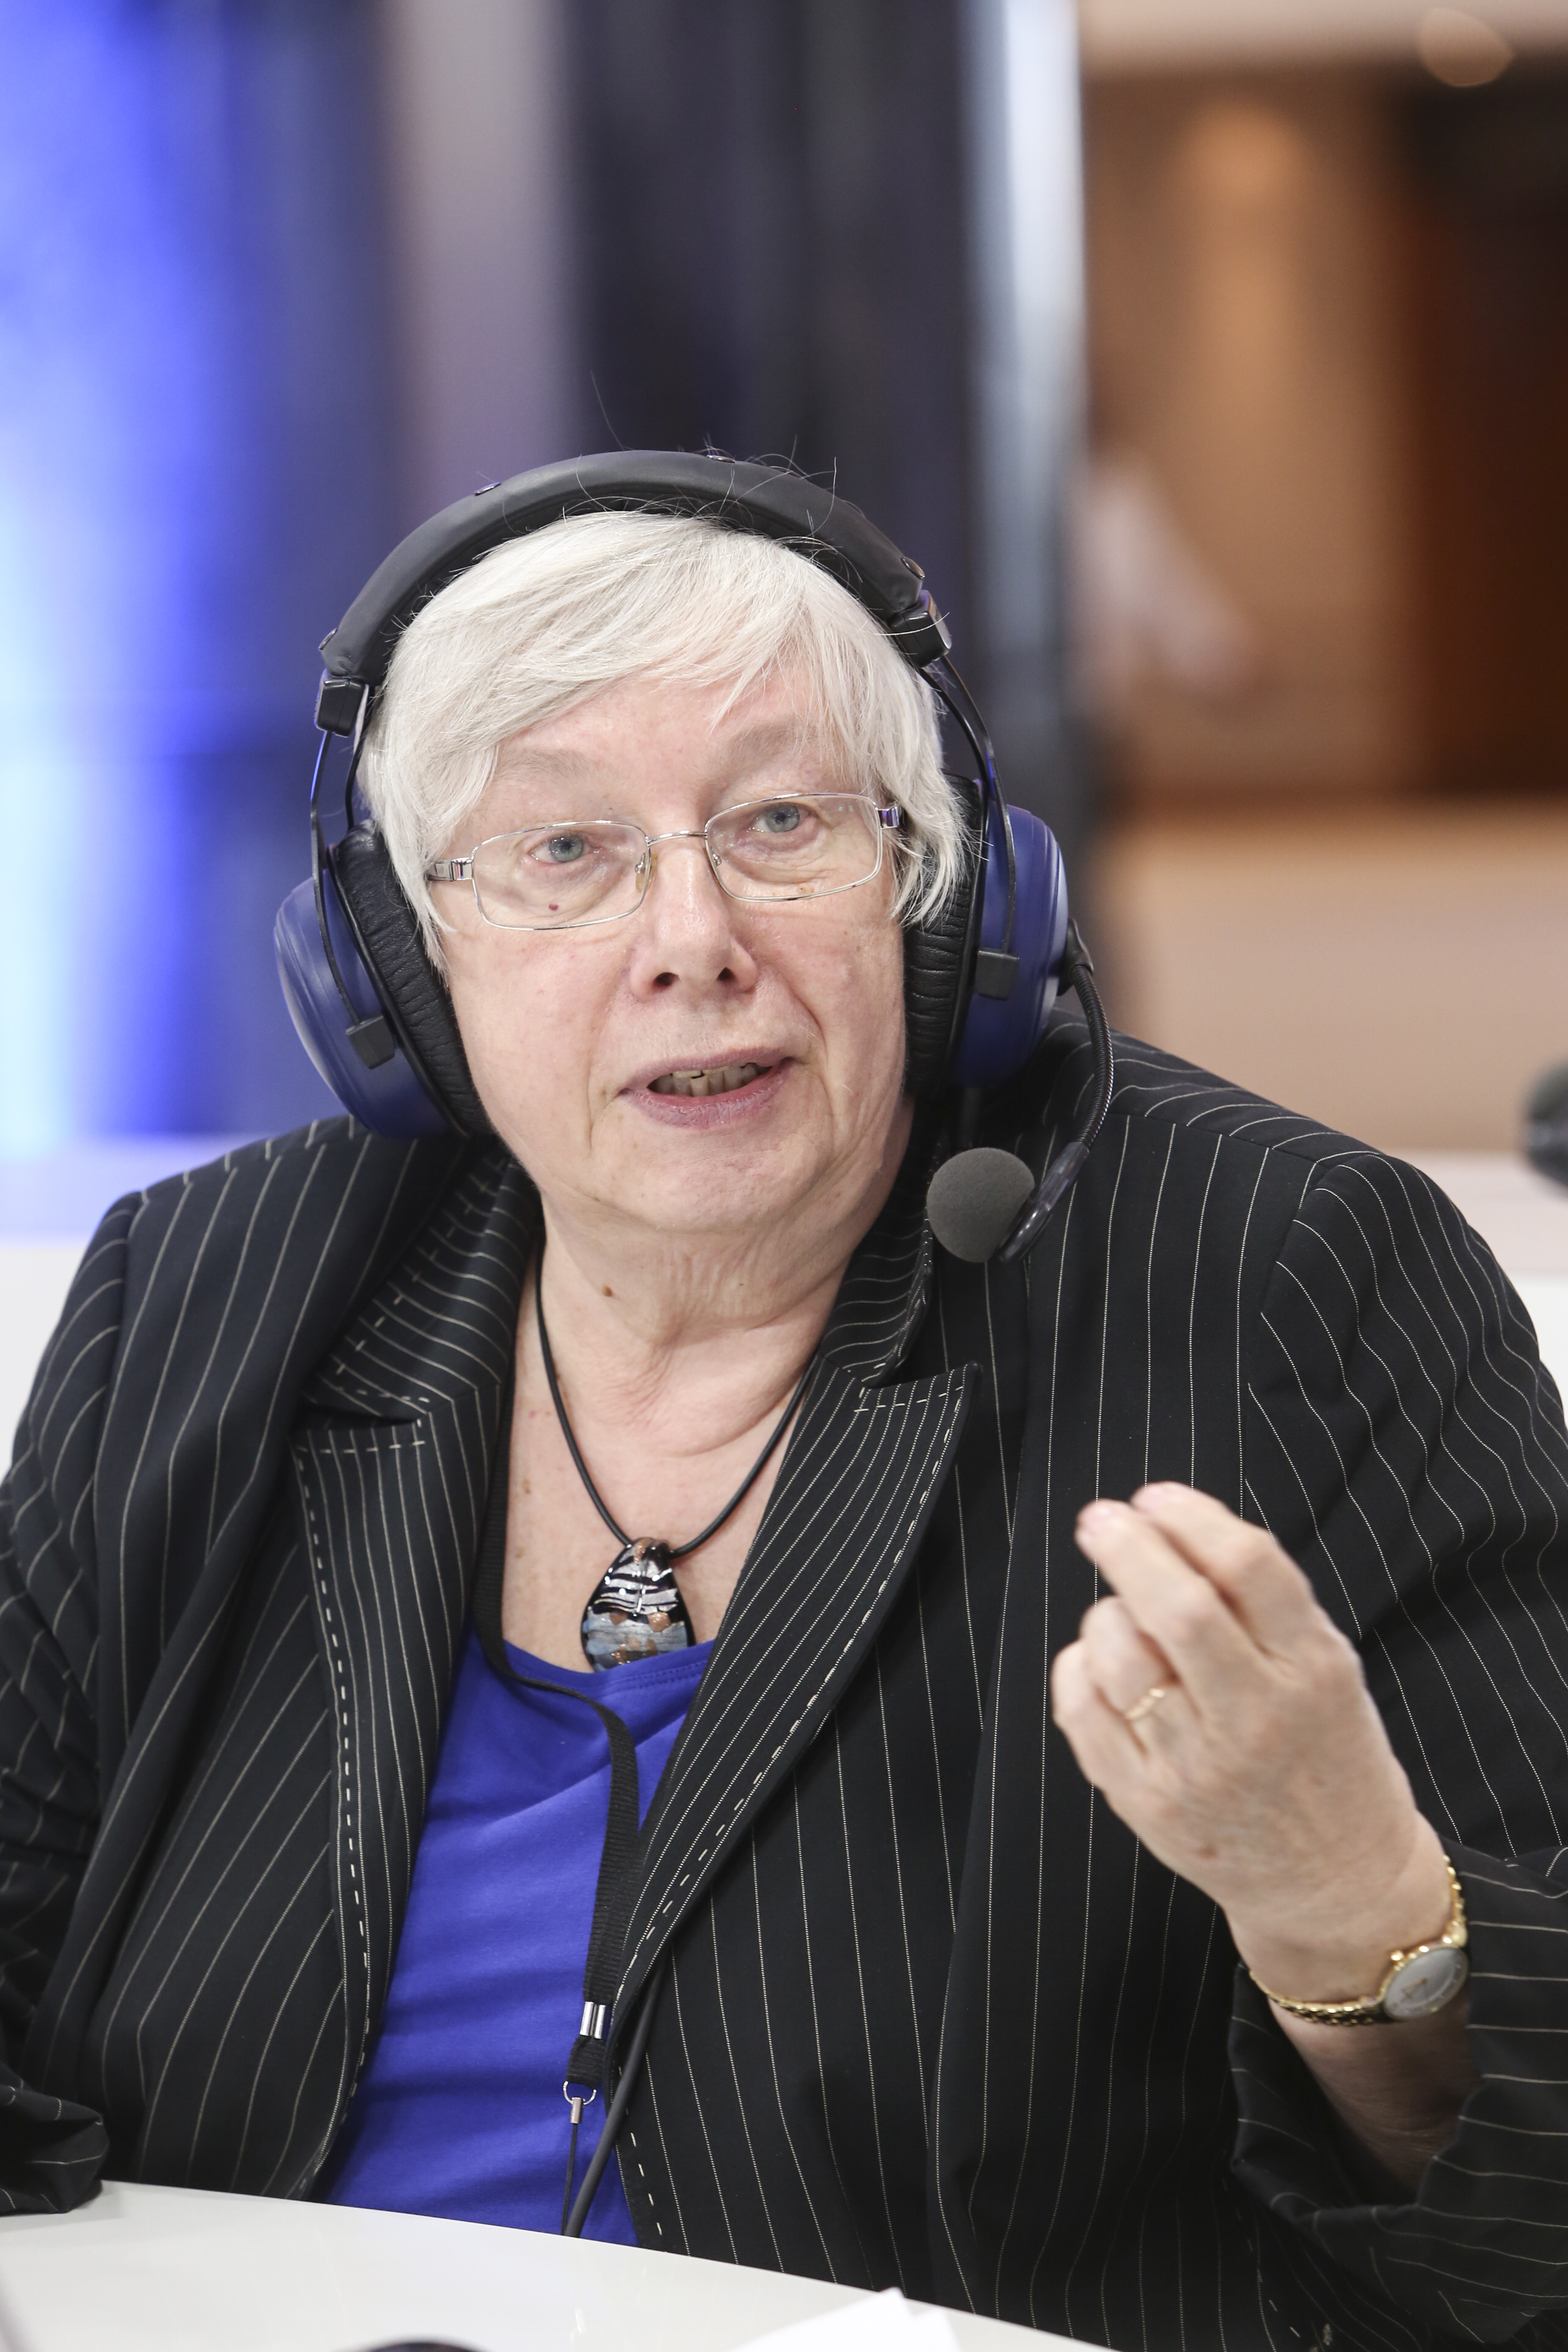 Die federführende EU-Parlamentarierin für die Verhandlung der ePrivacy-Verordnung: Sozialdemokratin Marju Lauristin